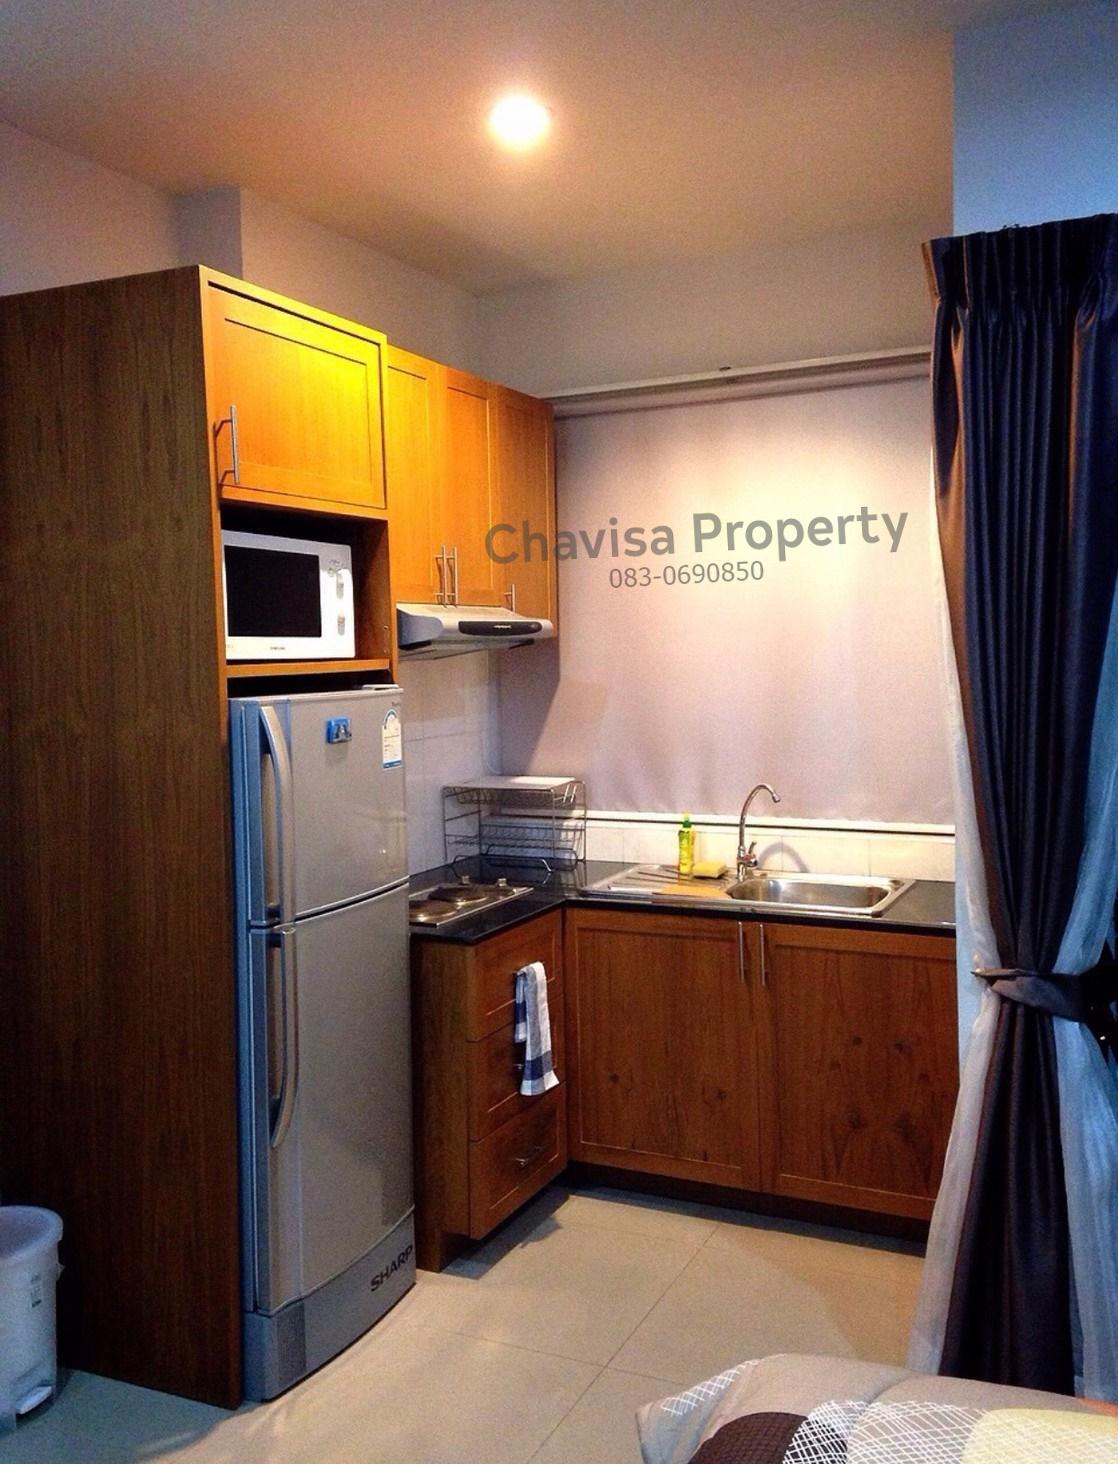 For rent AD Condominium Central Pattaya